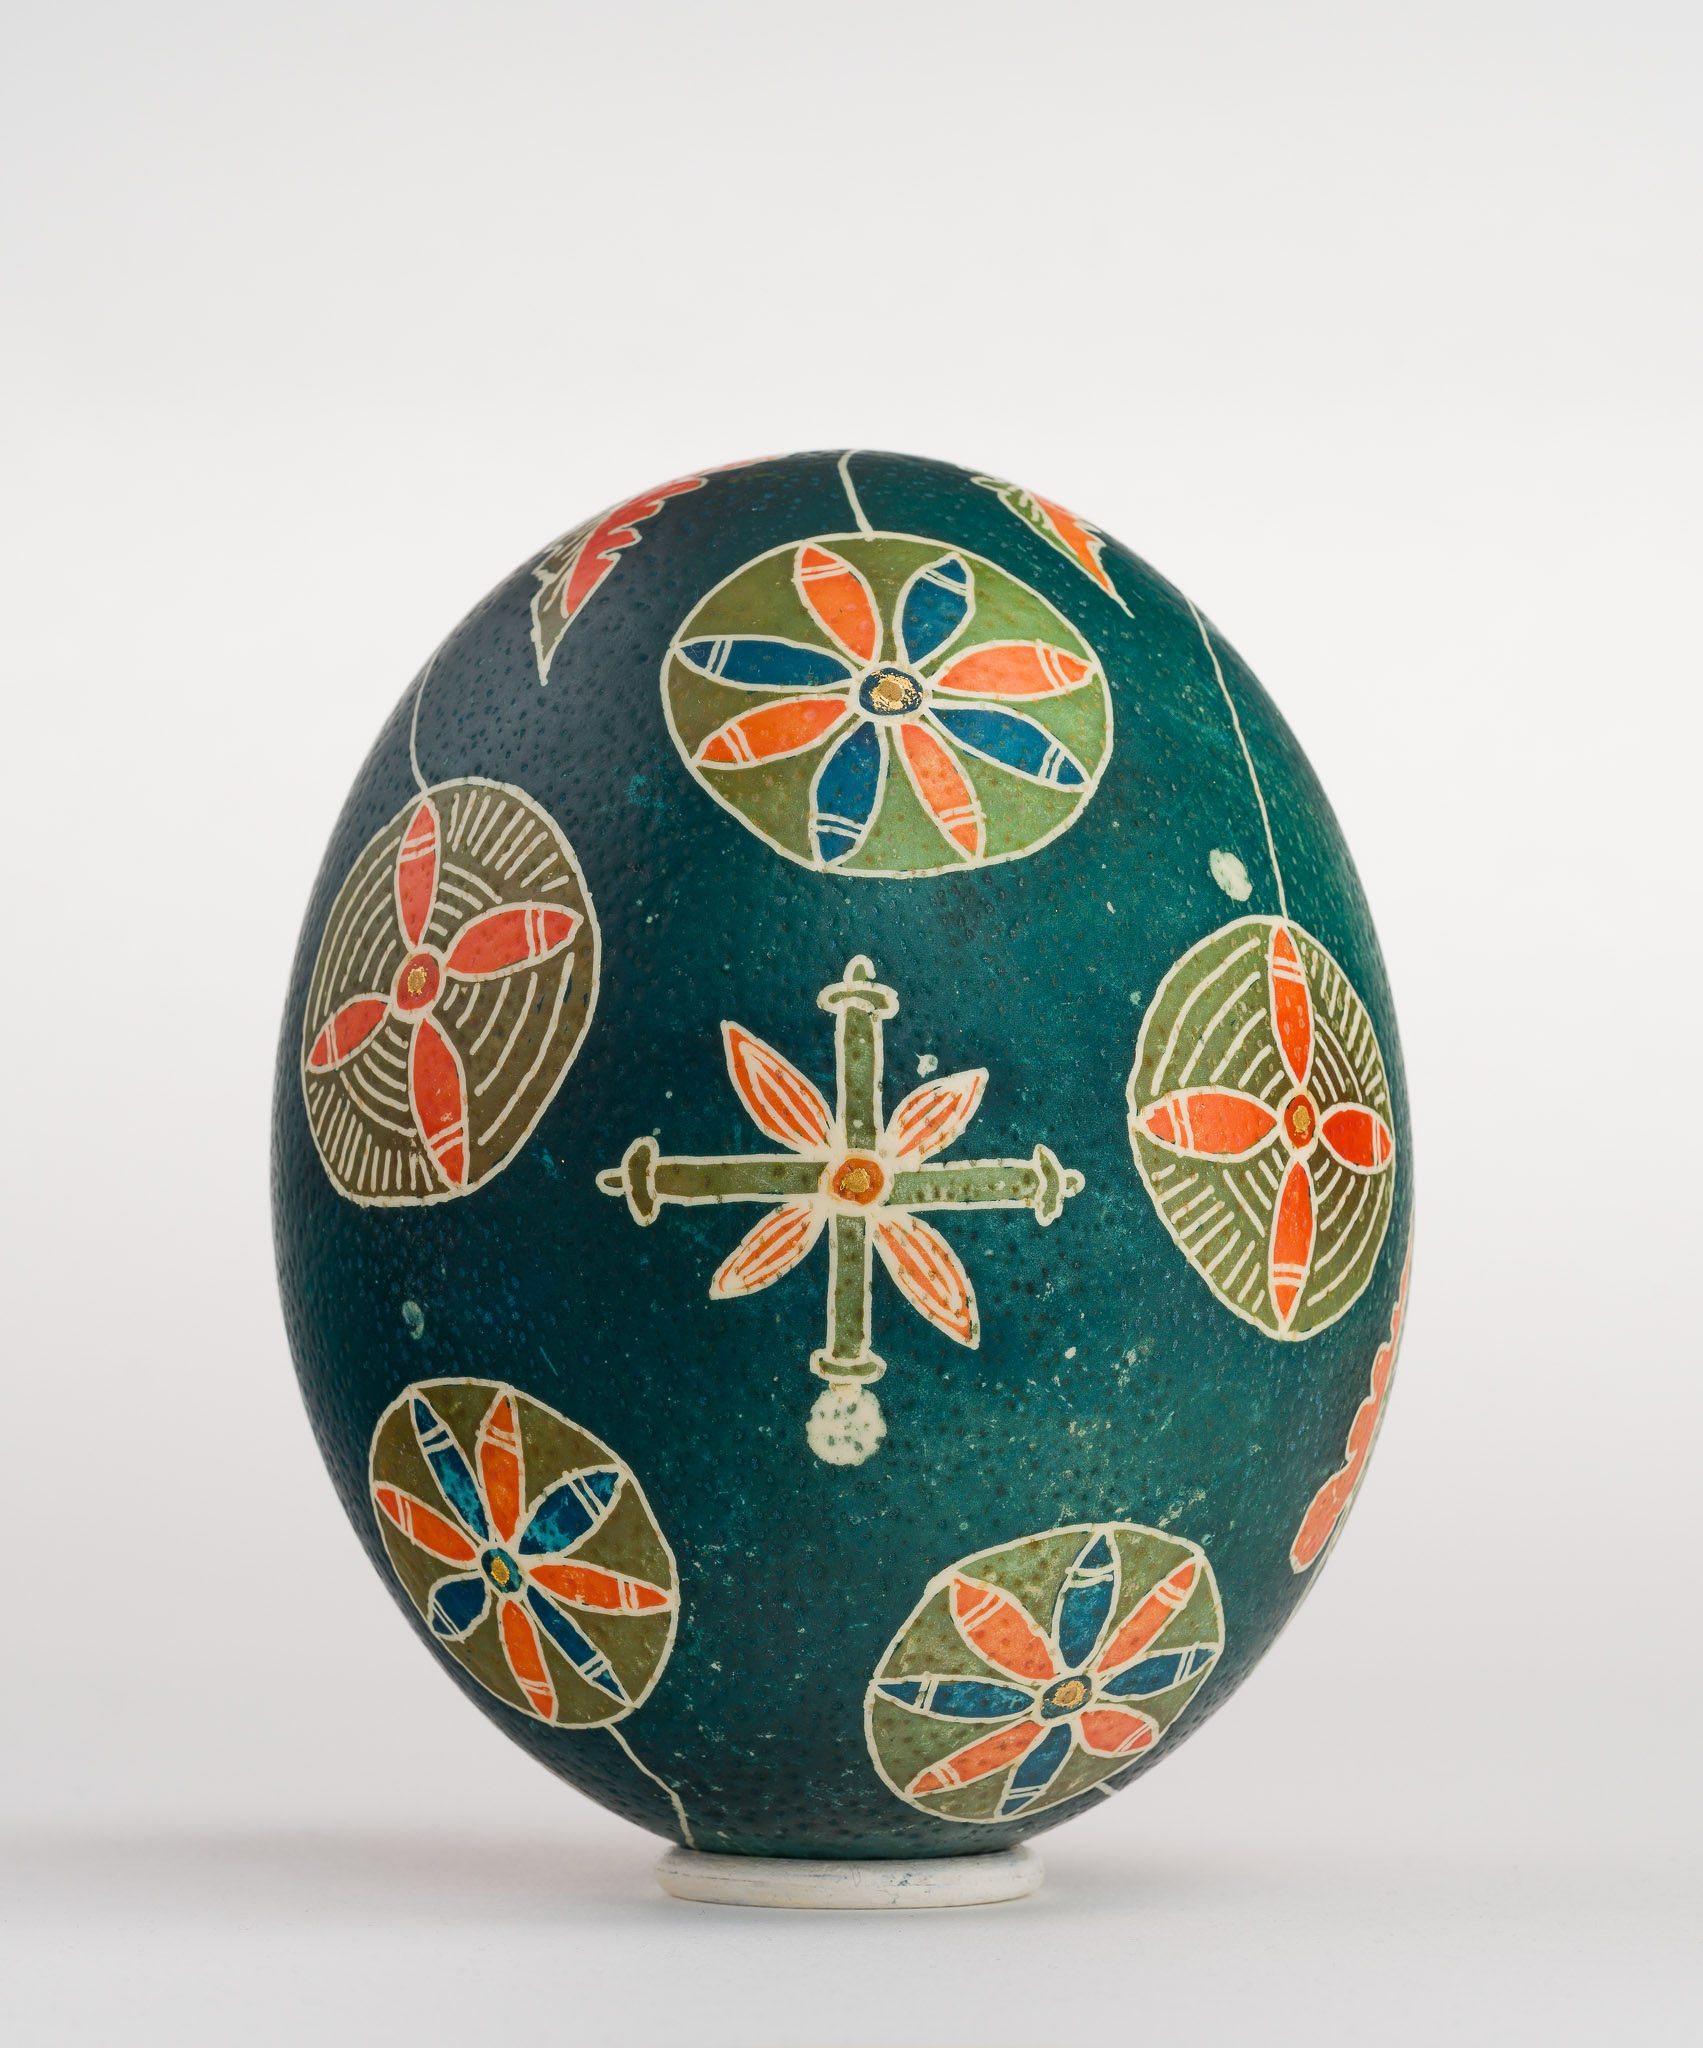 Icoană încondeiată pe ou de struț - Iisus cu vița - maryando-103b.jpg